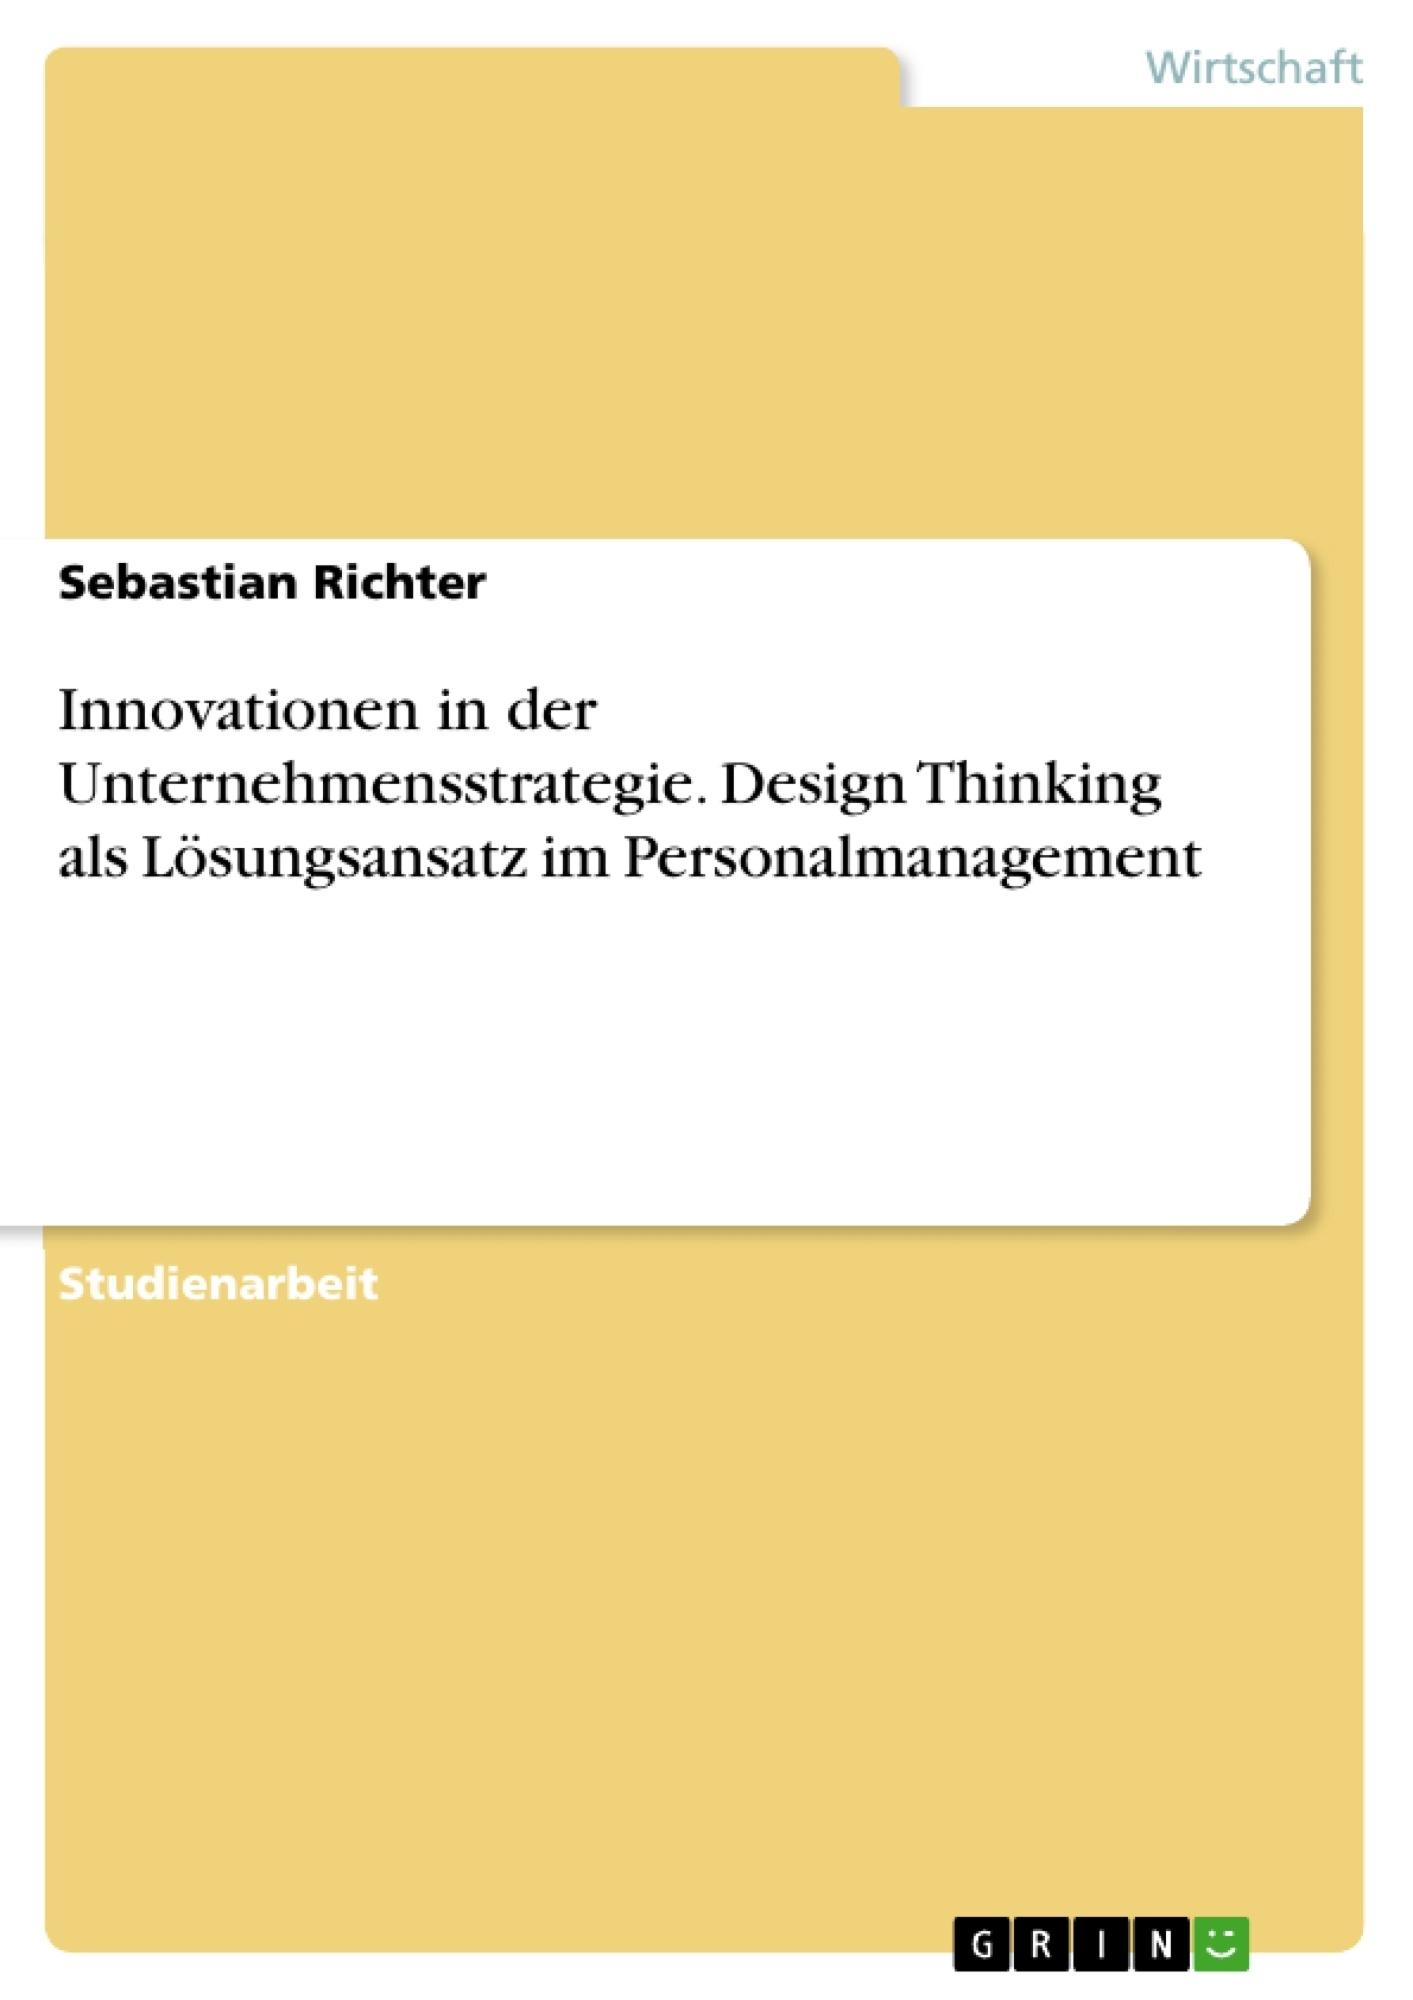 Titel: Innovationen in der Unternehmensstrategie. Design Thinking als Lösungsansatz im Personalmanagement